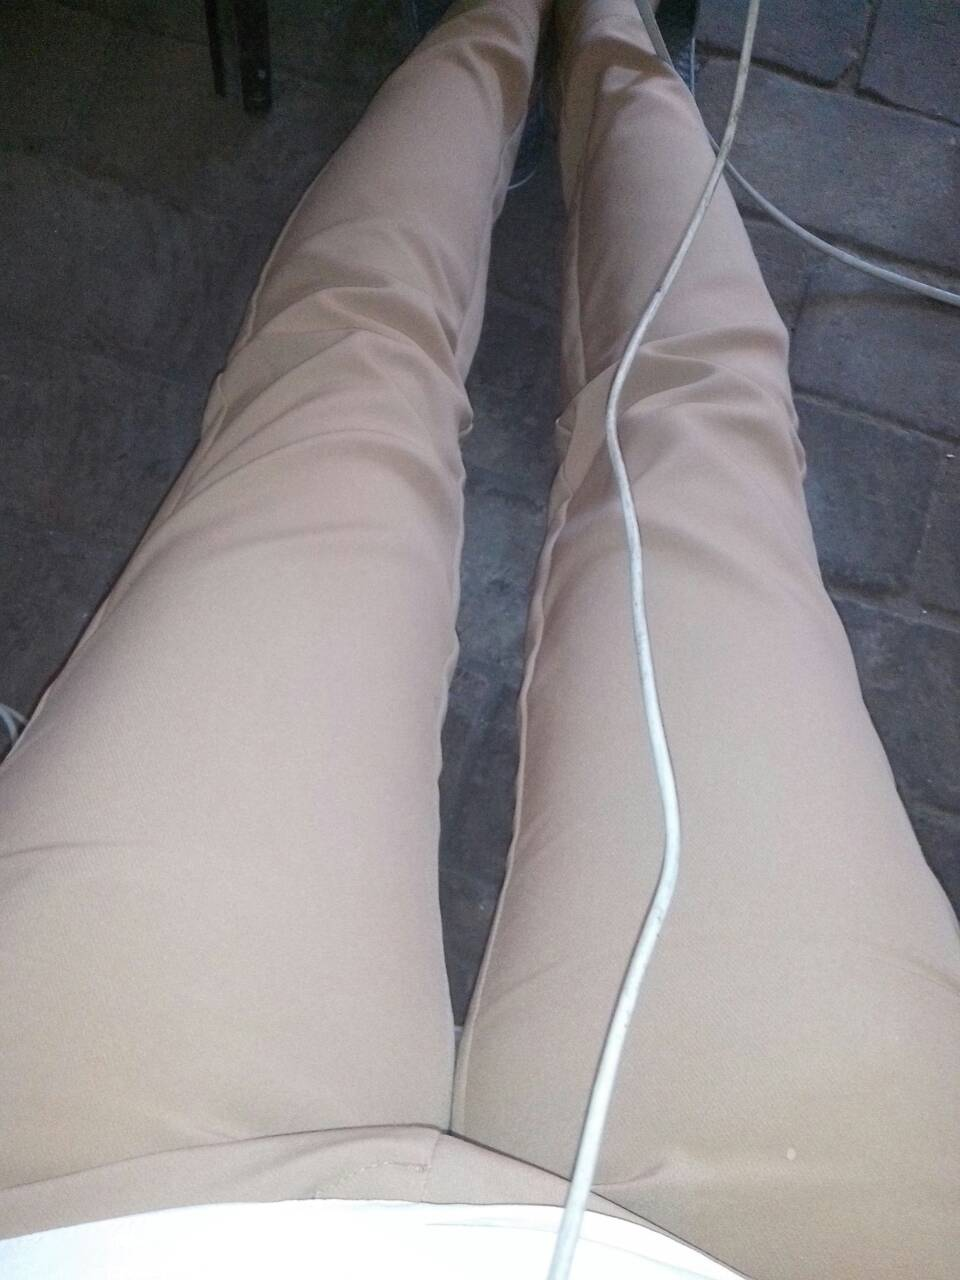 男生喜欢女生穿什么裤子?推荐